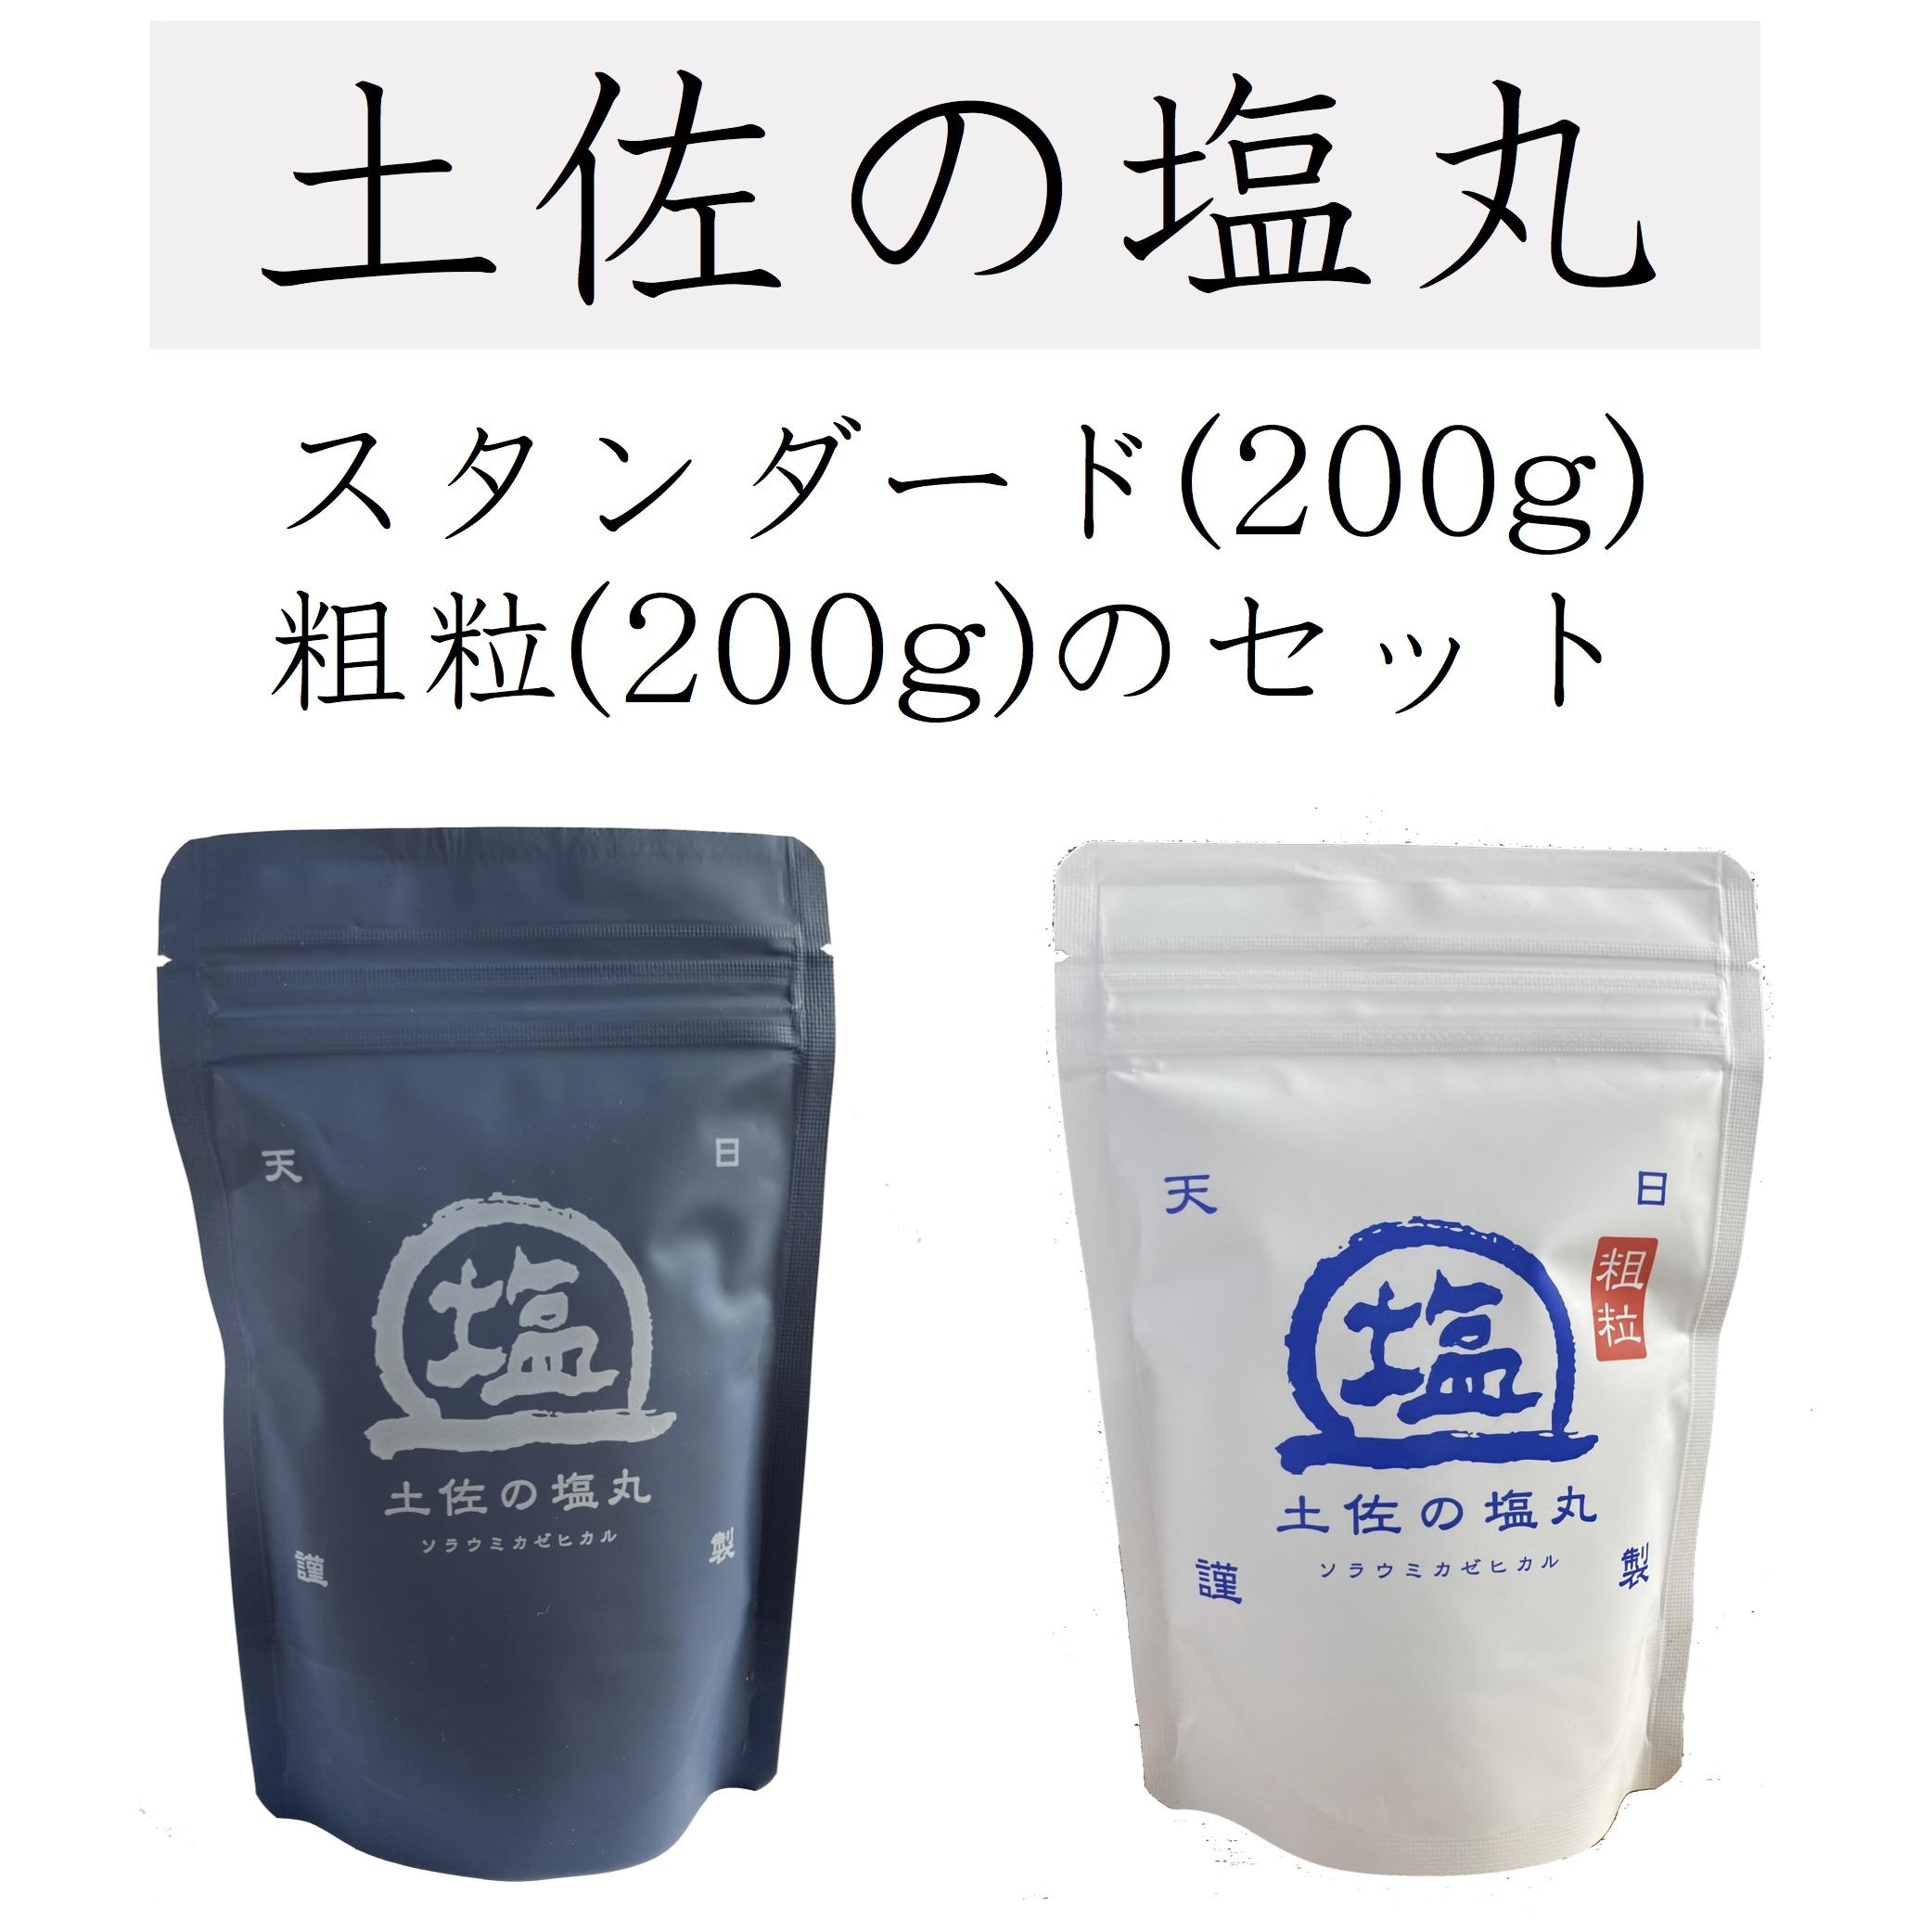 海水-水分=天日塩自然の力で作るしあわせの味3セット以上購入の場合 新発売 他の商品と同梱の場合は注文後に送料をお知らせ致します 天日塩 土佐の塩丸 品質保証 スタンダード200g 高知県 塩 粗粒200gのセット 天日海塩